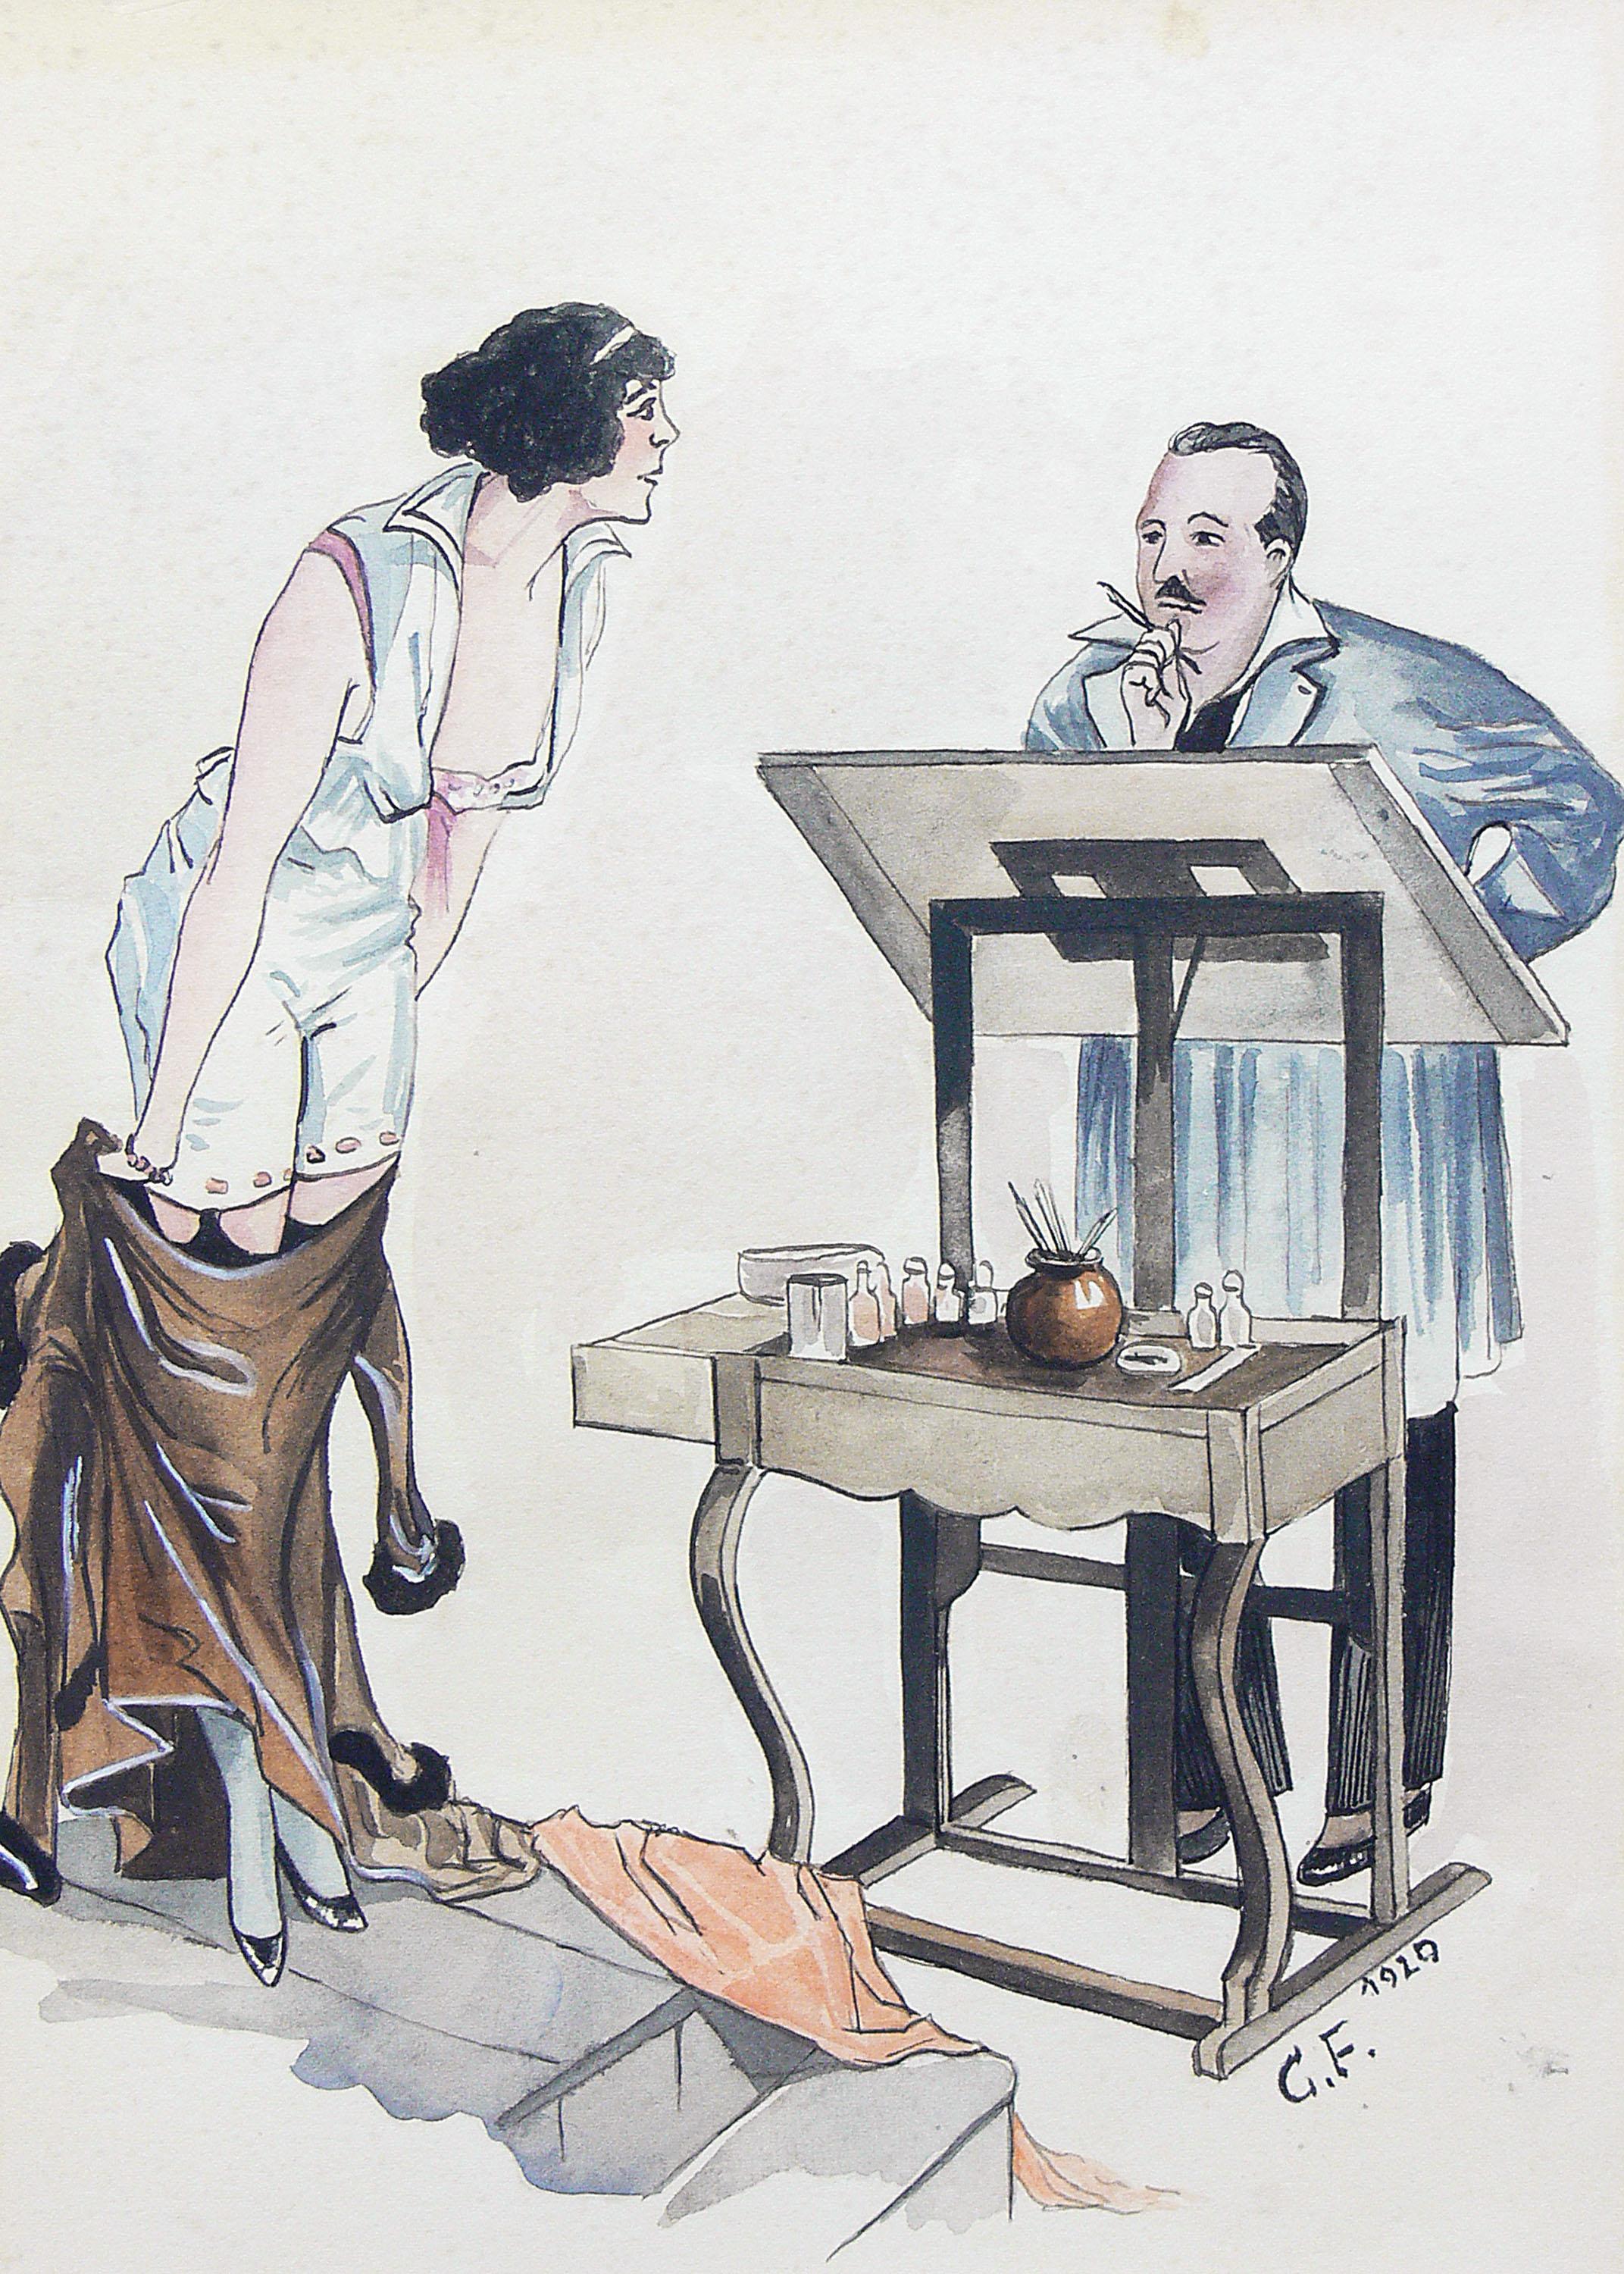 artysta-nieokreslony-w-atelier-1920-r